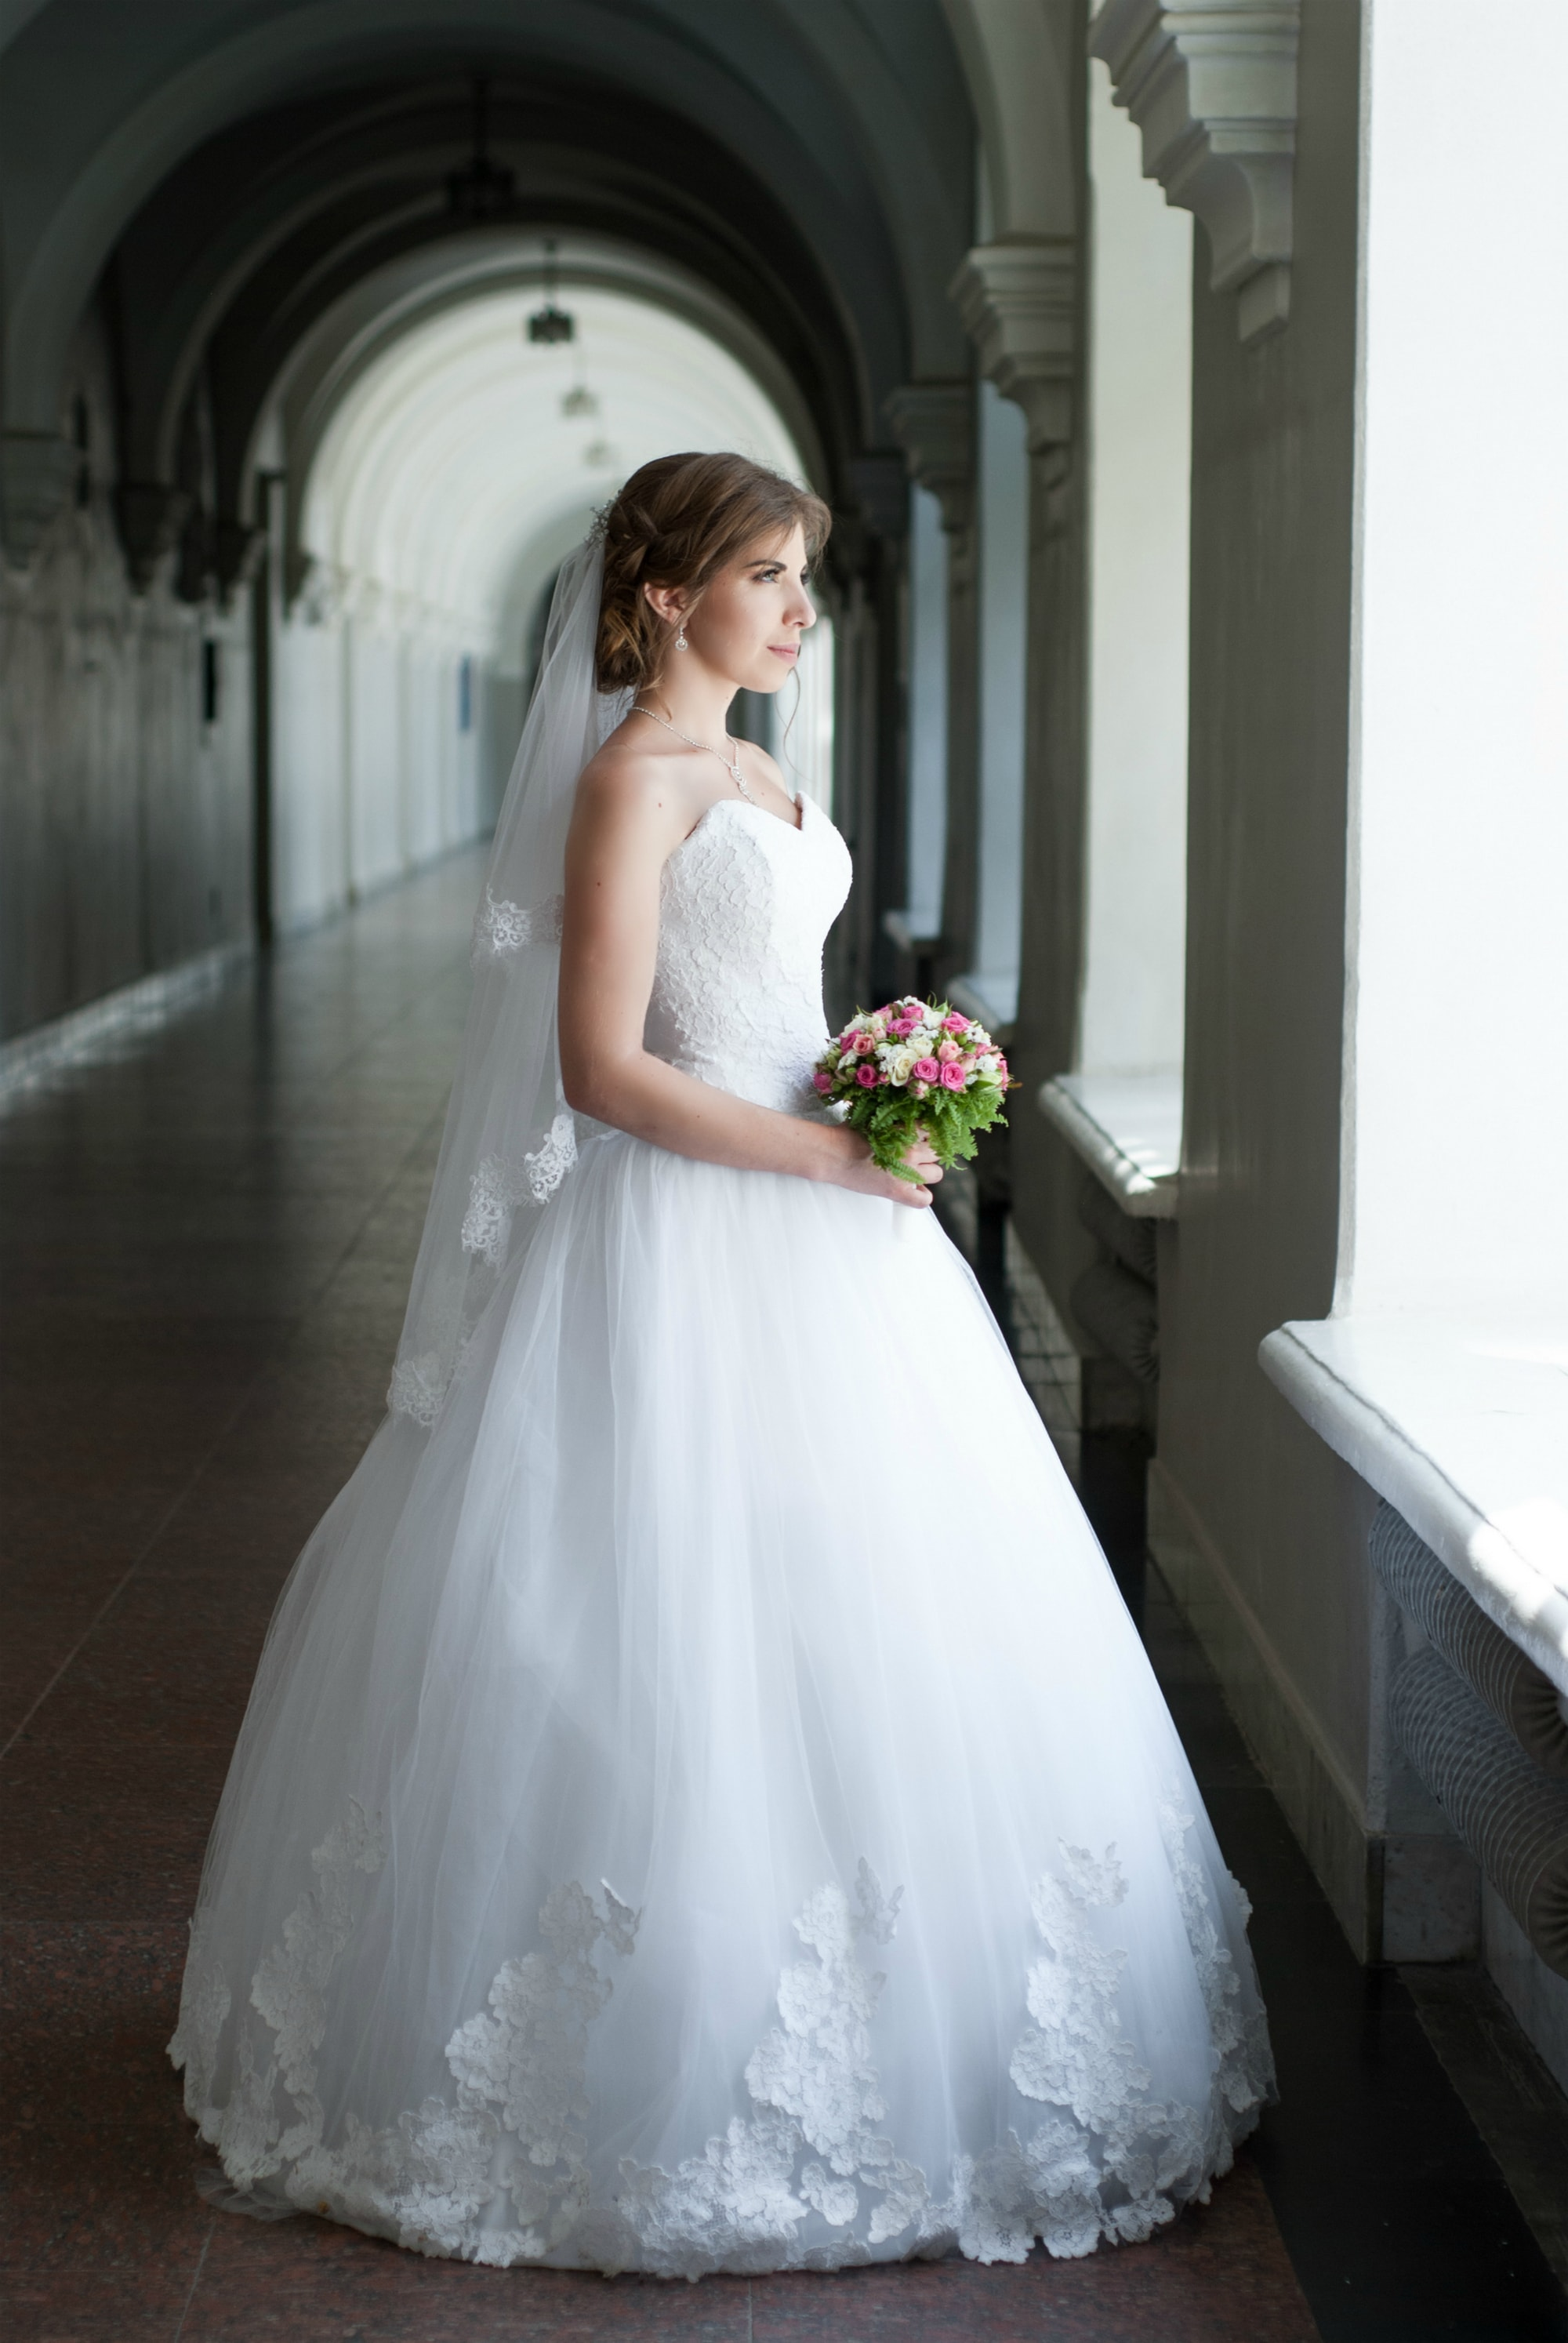 Фото невесты смотрящей в окно - Фотограф Киев - Женя Лайт